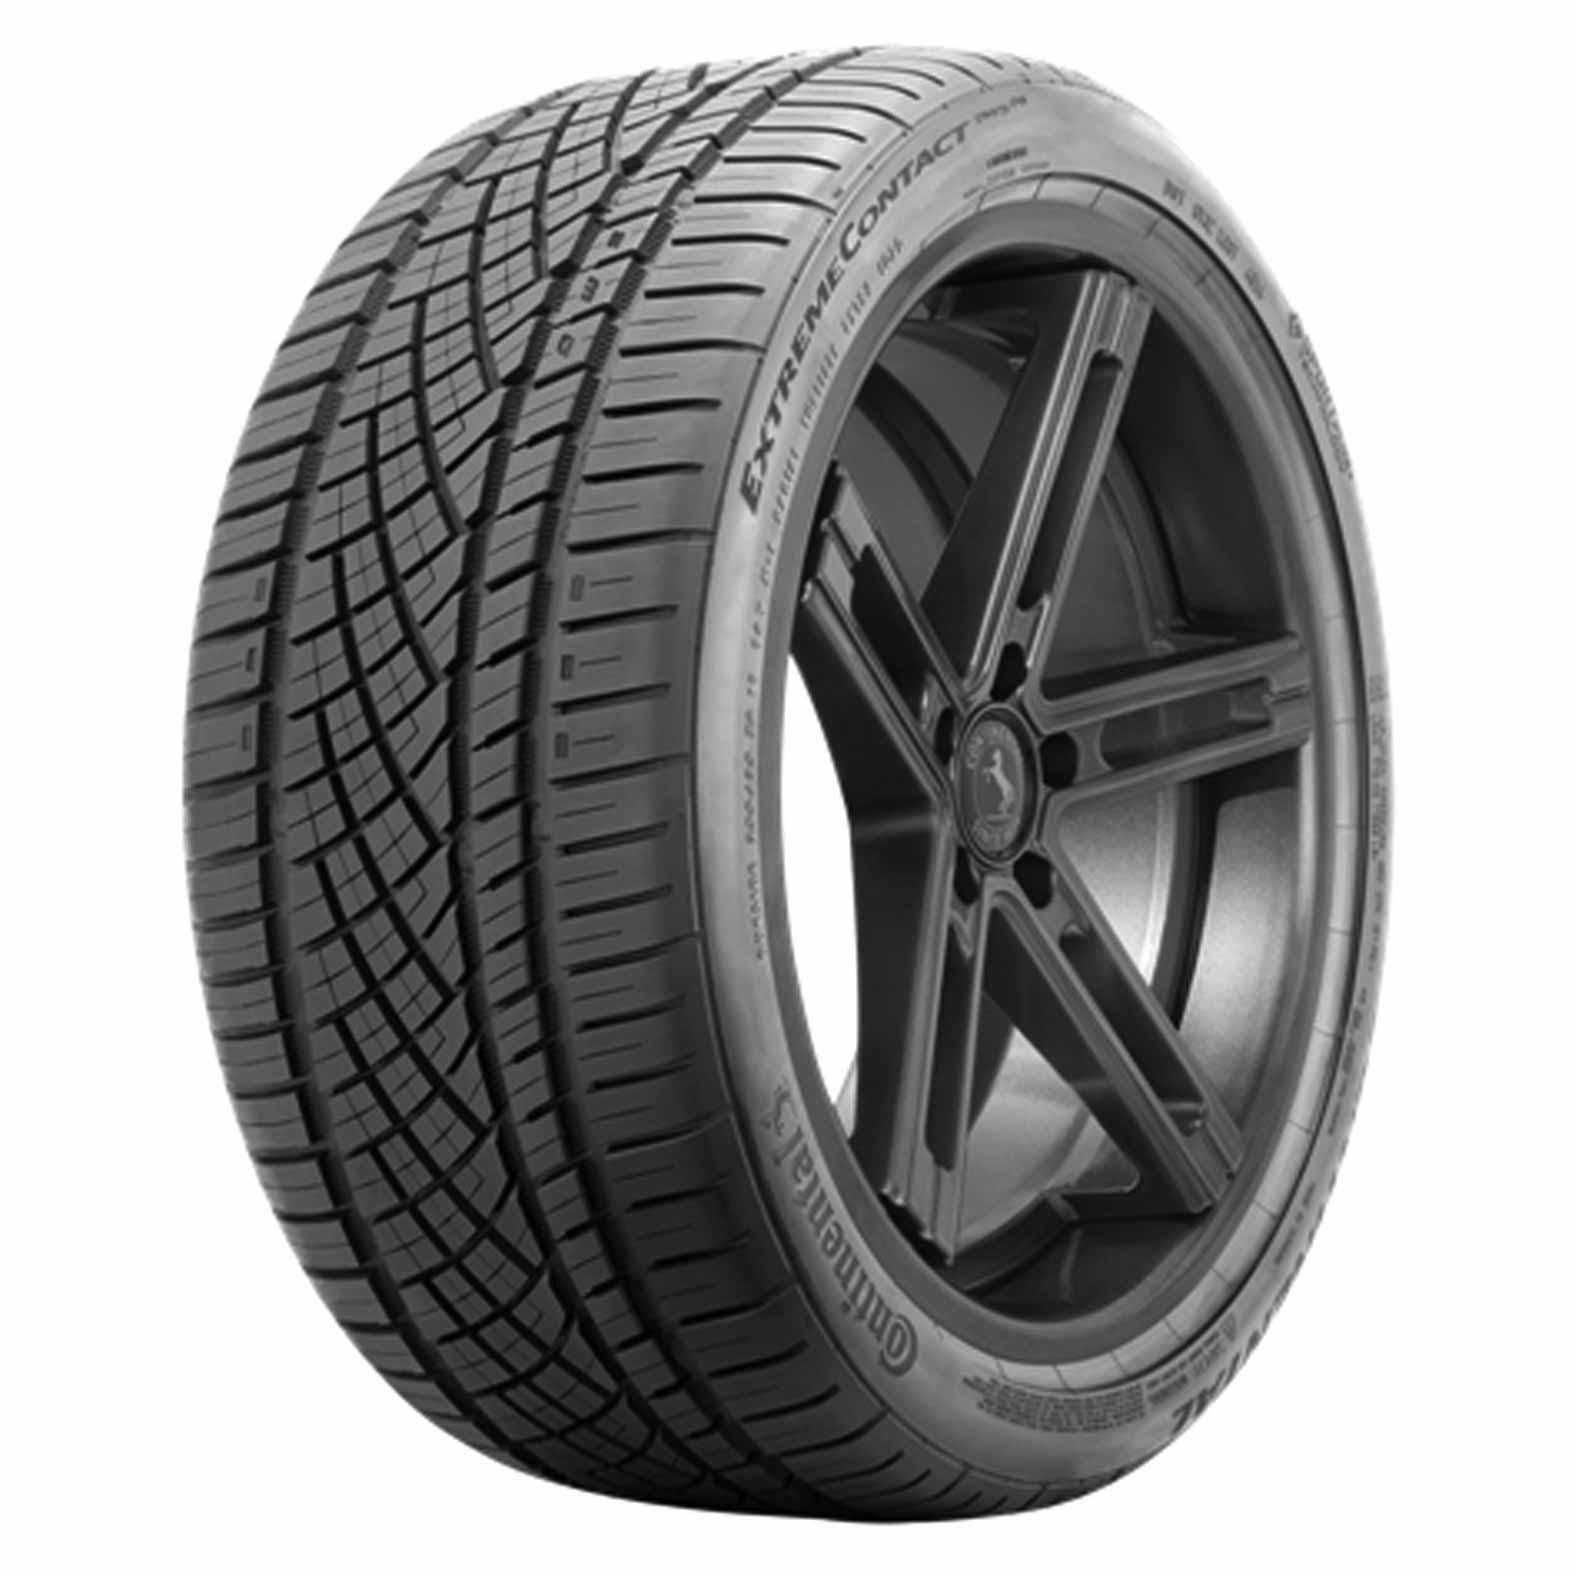 https://www kaltire com/en/services/passenger-tire